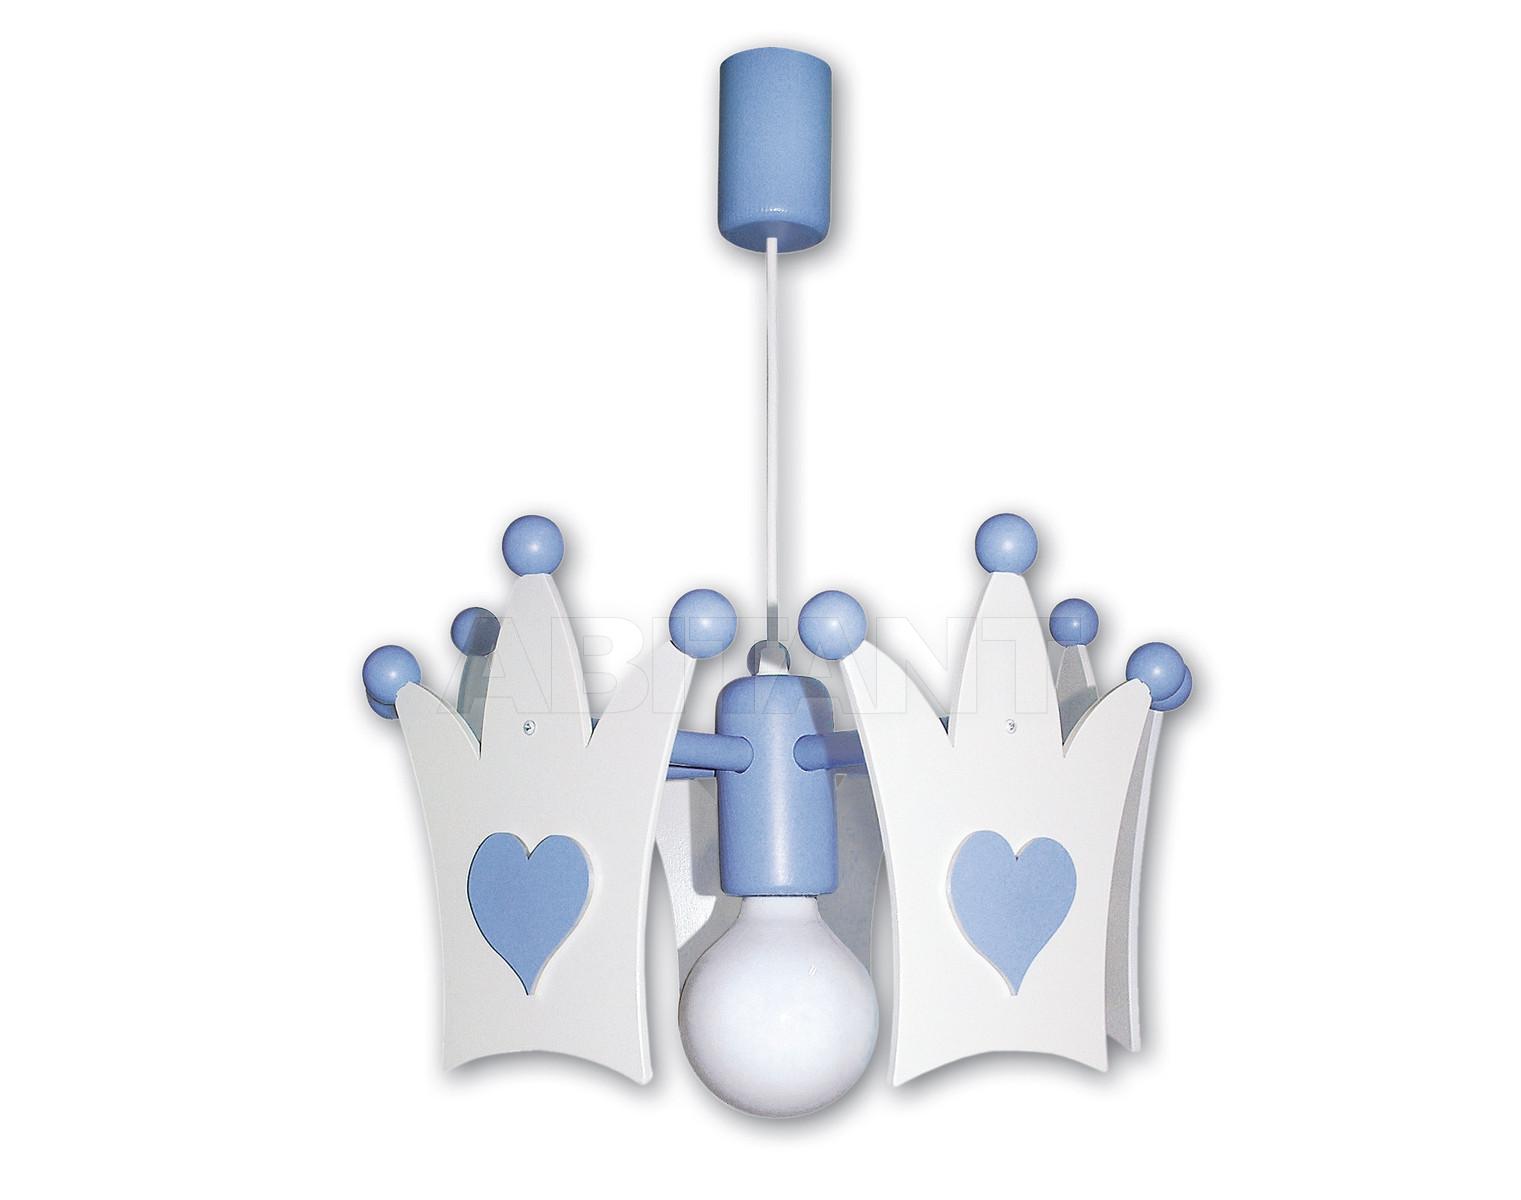 Купить Светильник для детской  Waldi Leuchten Lampen Fur Kinder 2012 71434.0